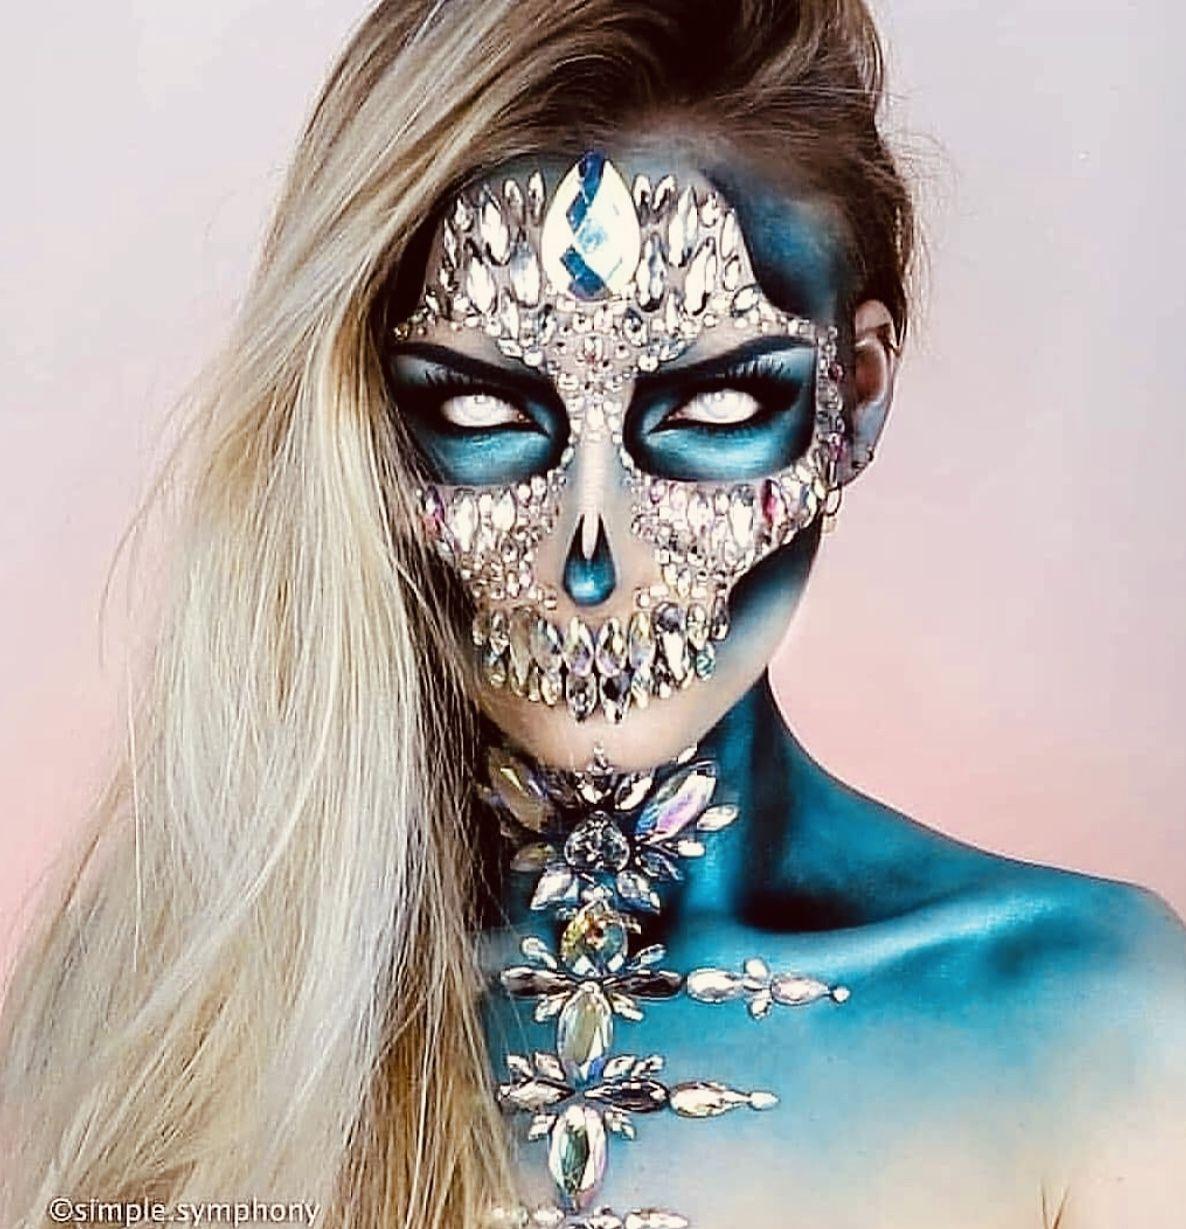 Pin by Derald Hallem on Female Art Cute halloween makeup